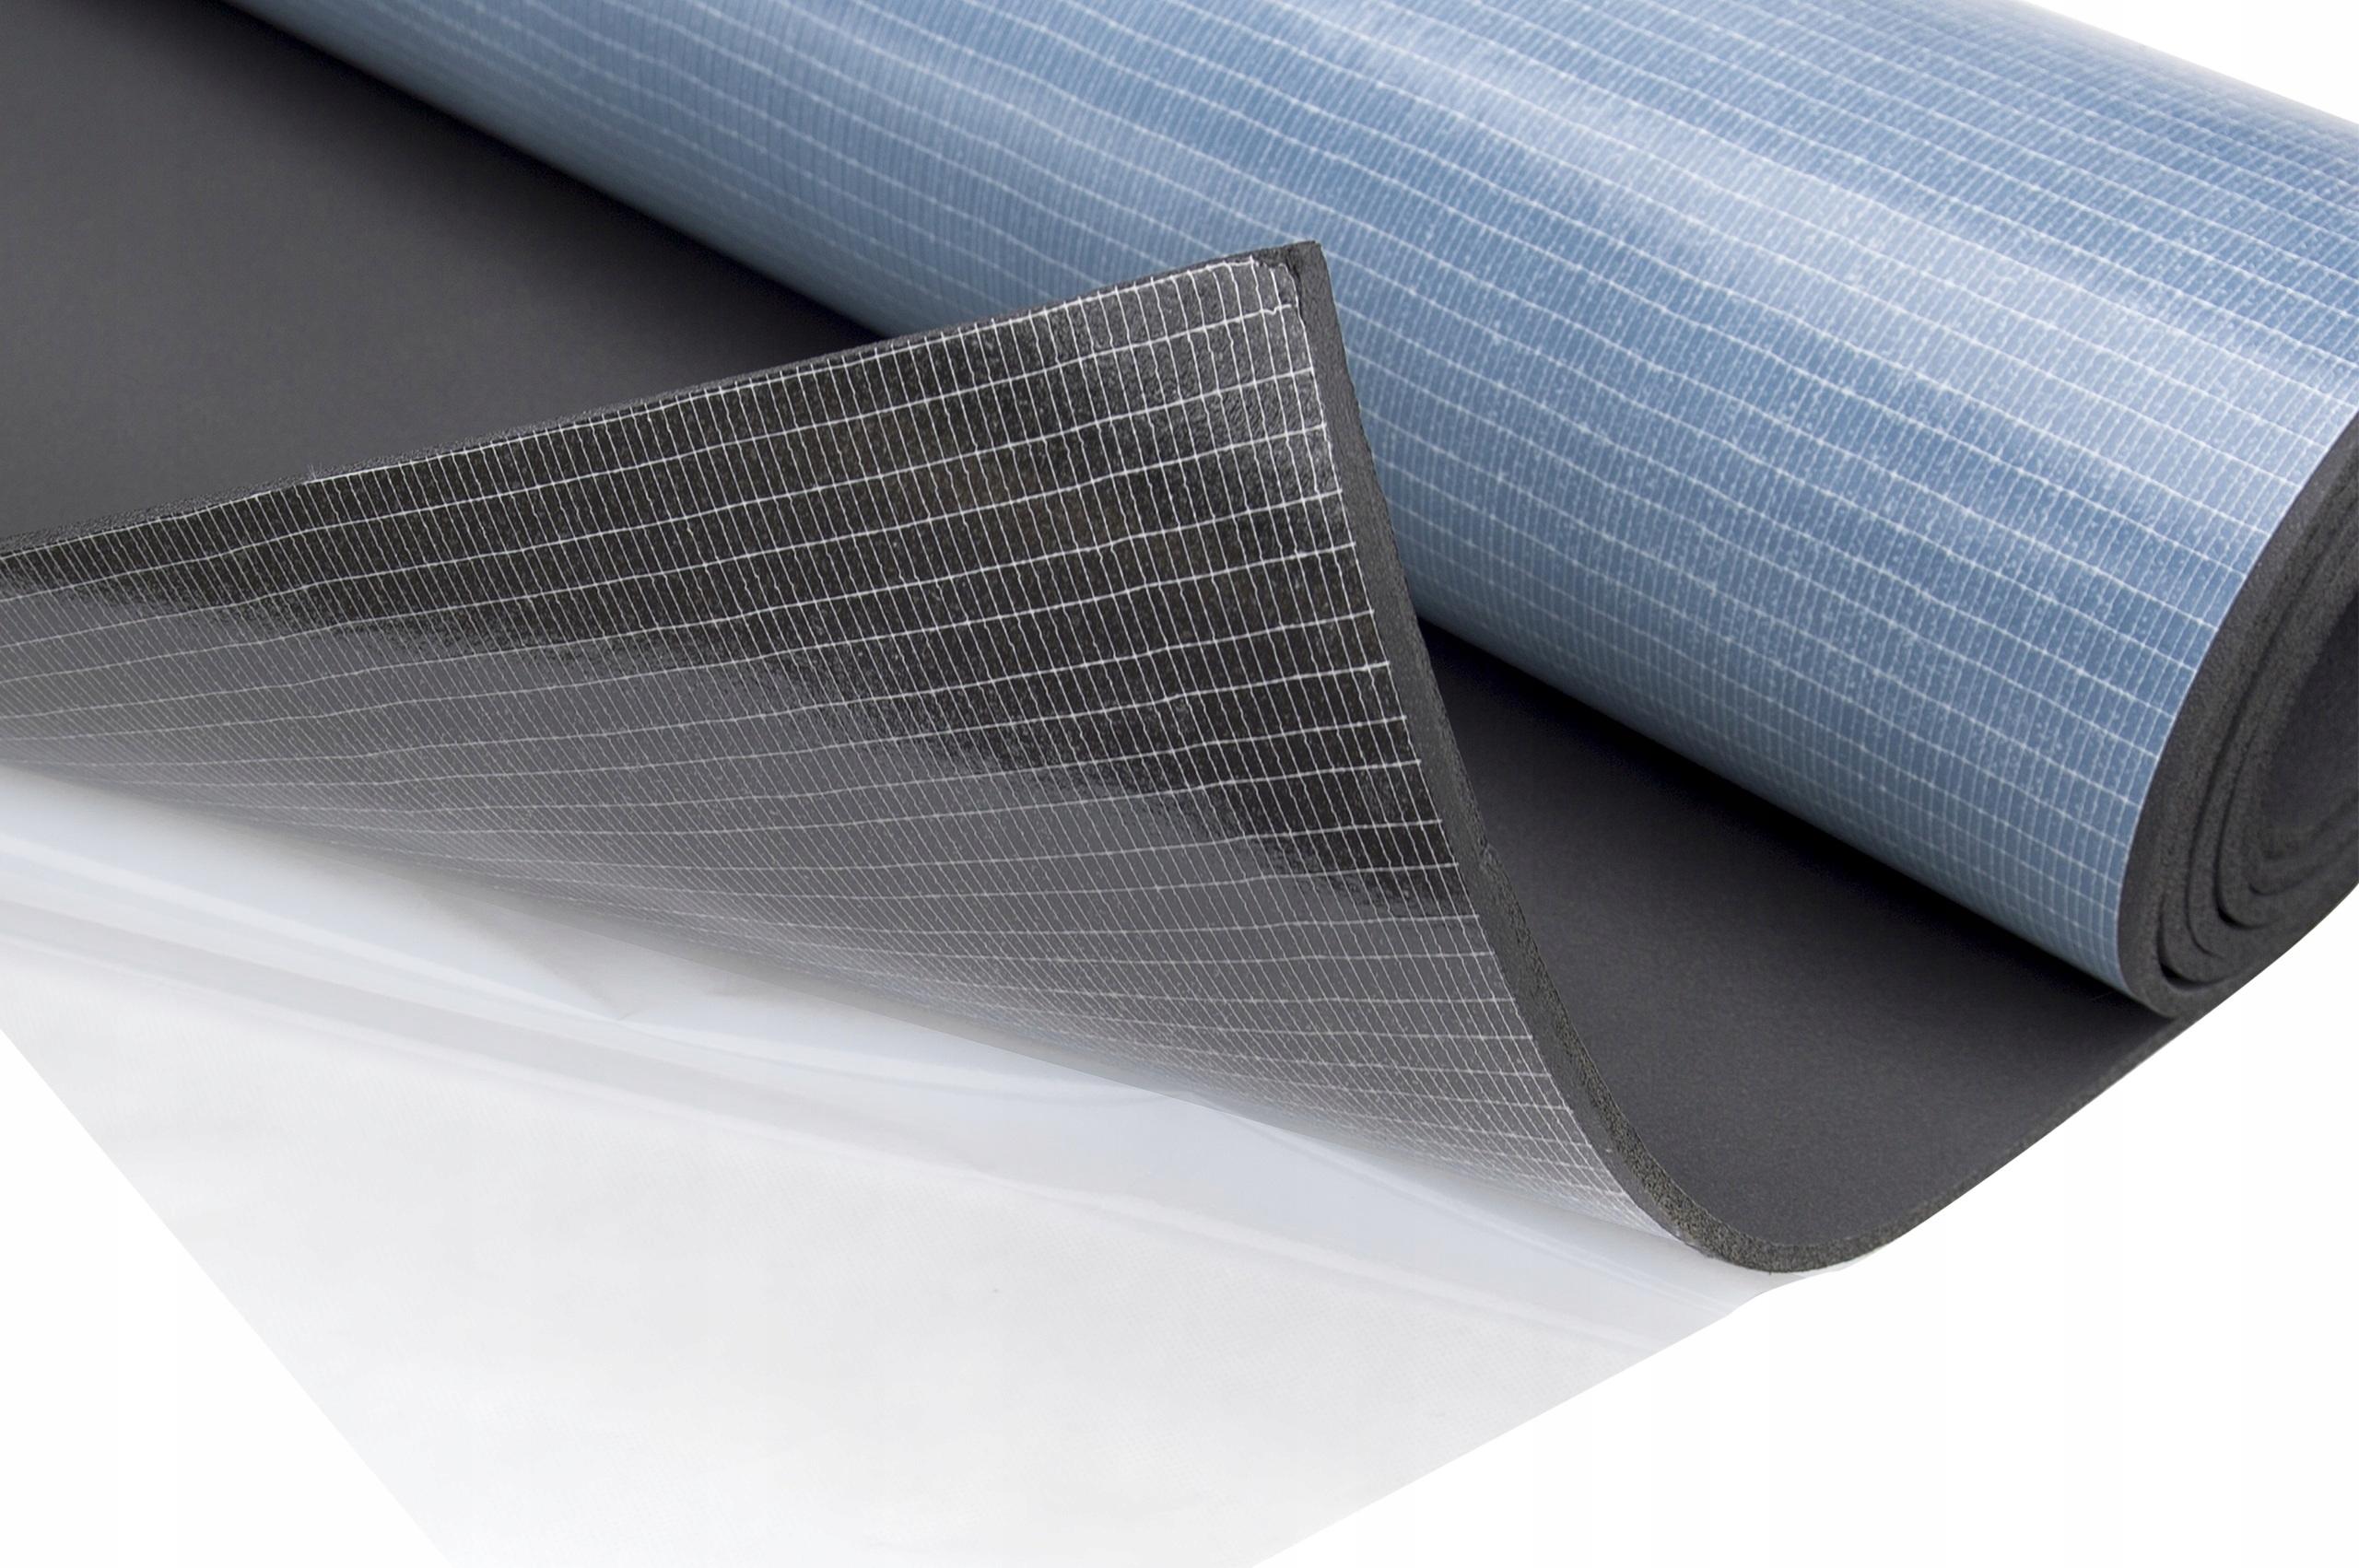 коврик wygłuszająca пена каучуковая z клеем 10mm